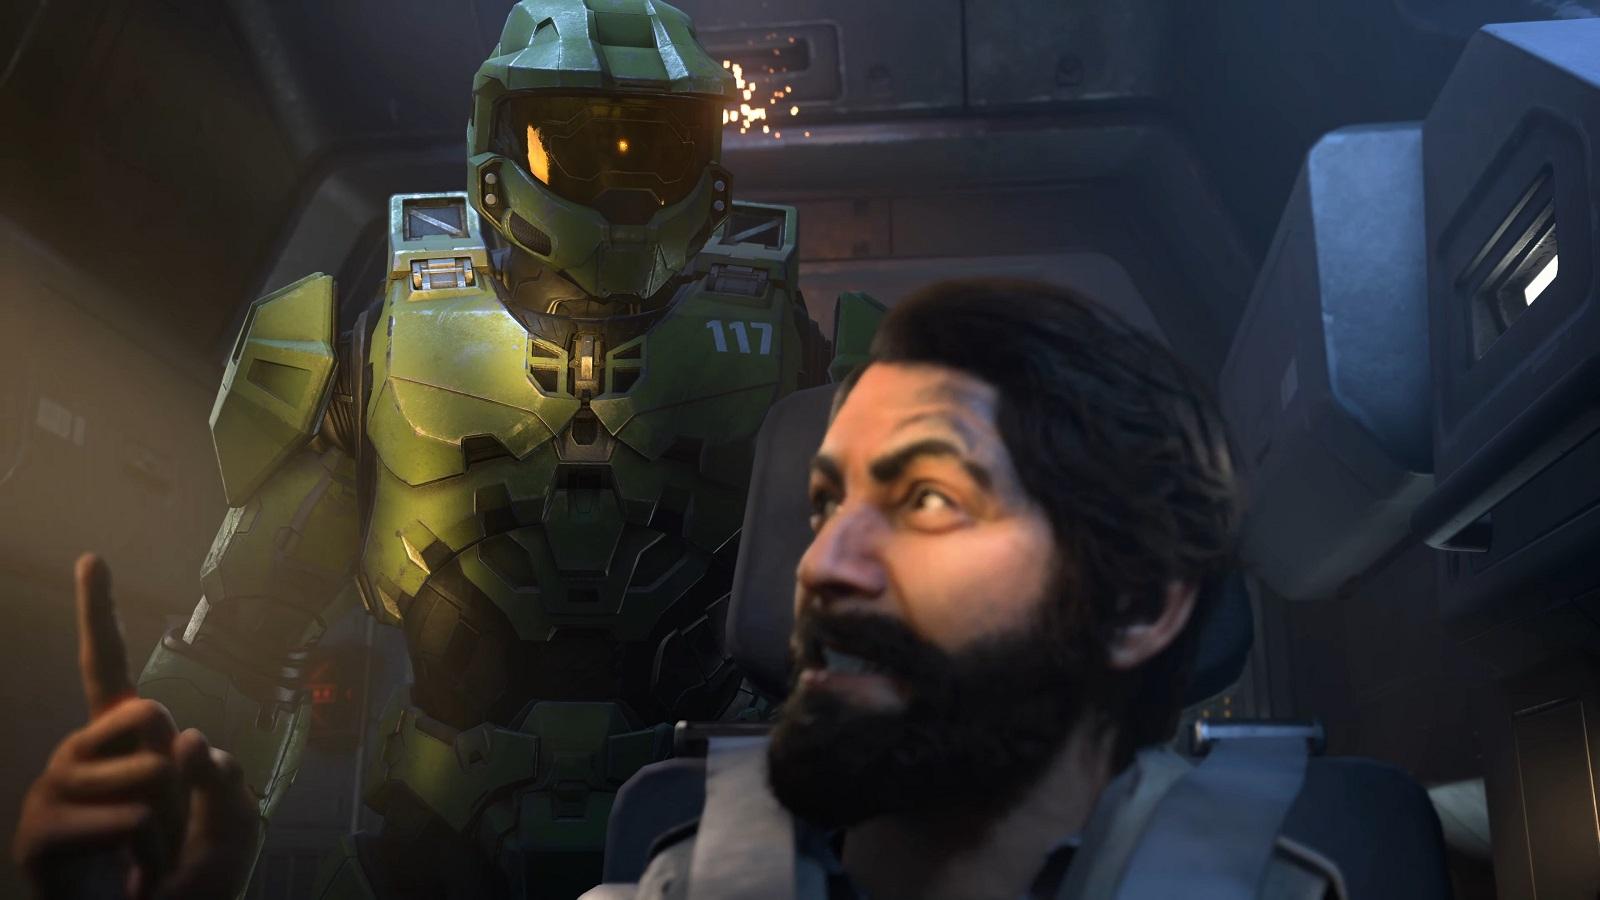 Microsoft объявила набор в команду новой игры во вселенной Halo от 343 Industries